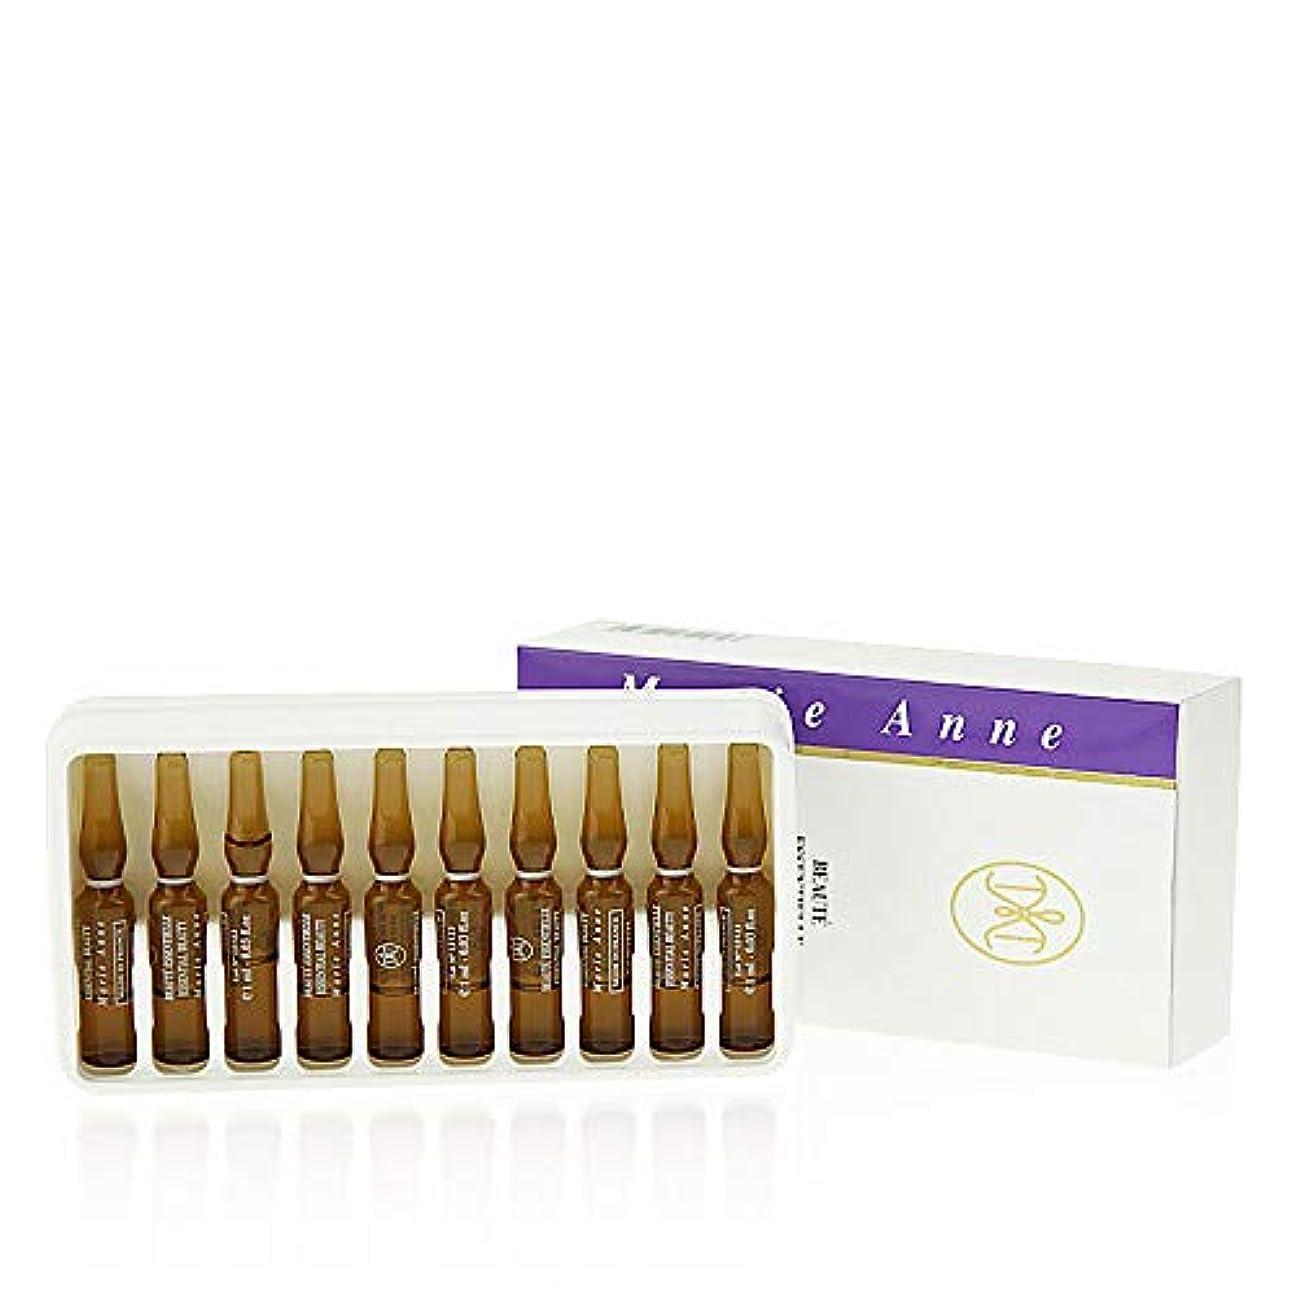 助手機転逆説【法国製 フランス製 】マリーアン アンプルール Marie Anne Essential Beauty Ampoule Serum Made in France 10x1ml